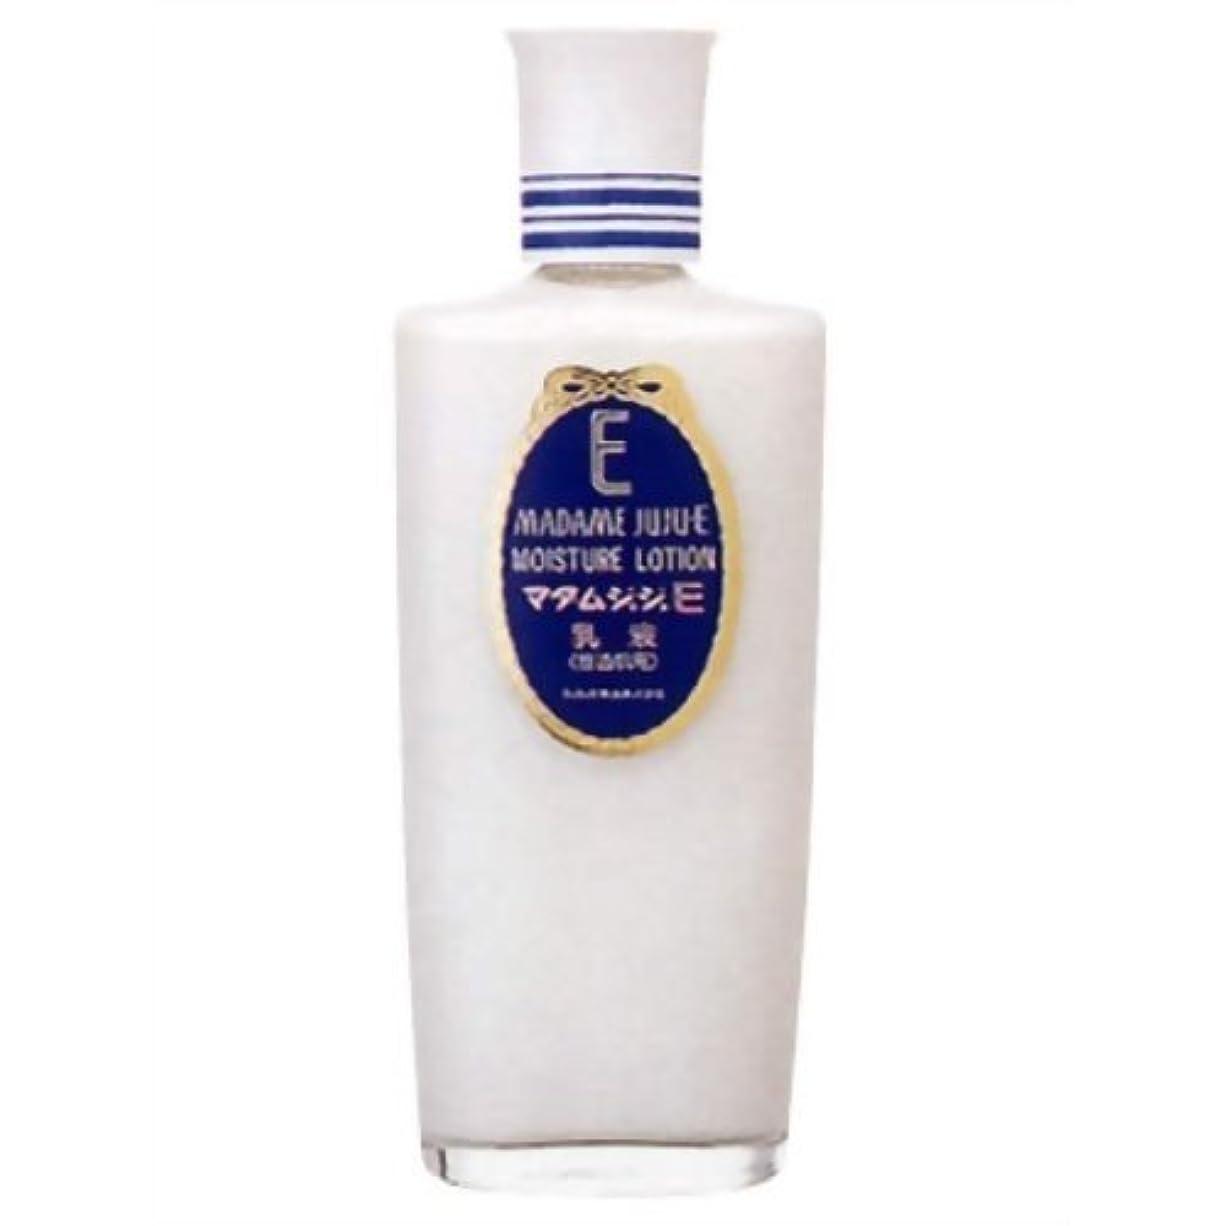 思い出風邪をひく放射するマダムジュジュE 乳液 ビタミンE+卵黄リポイド配合 150ml